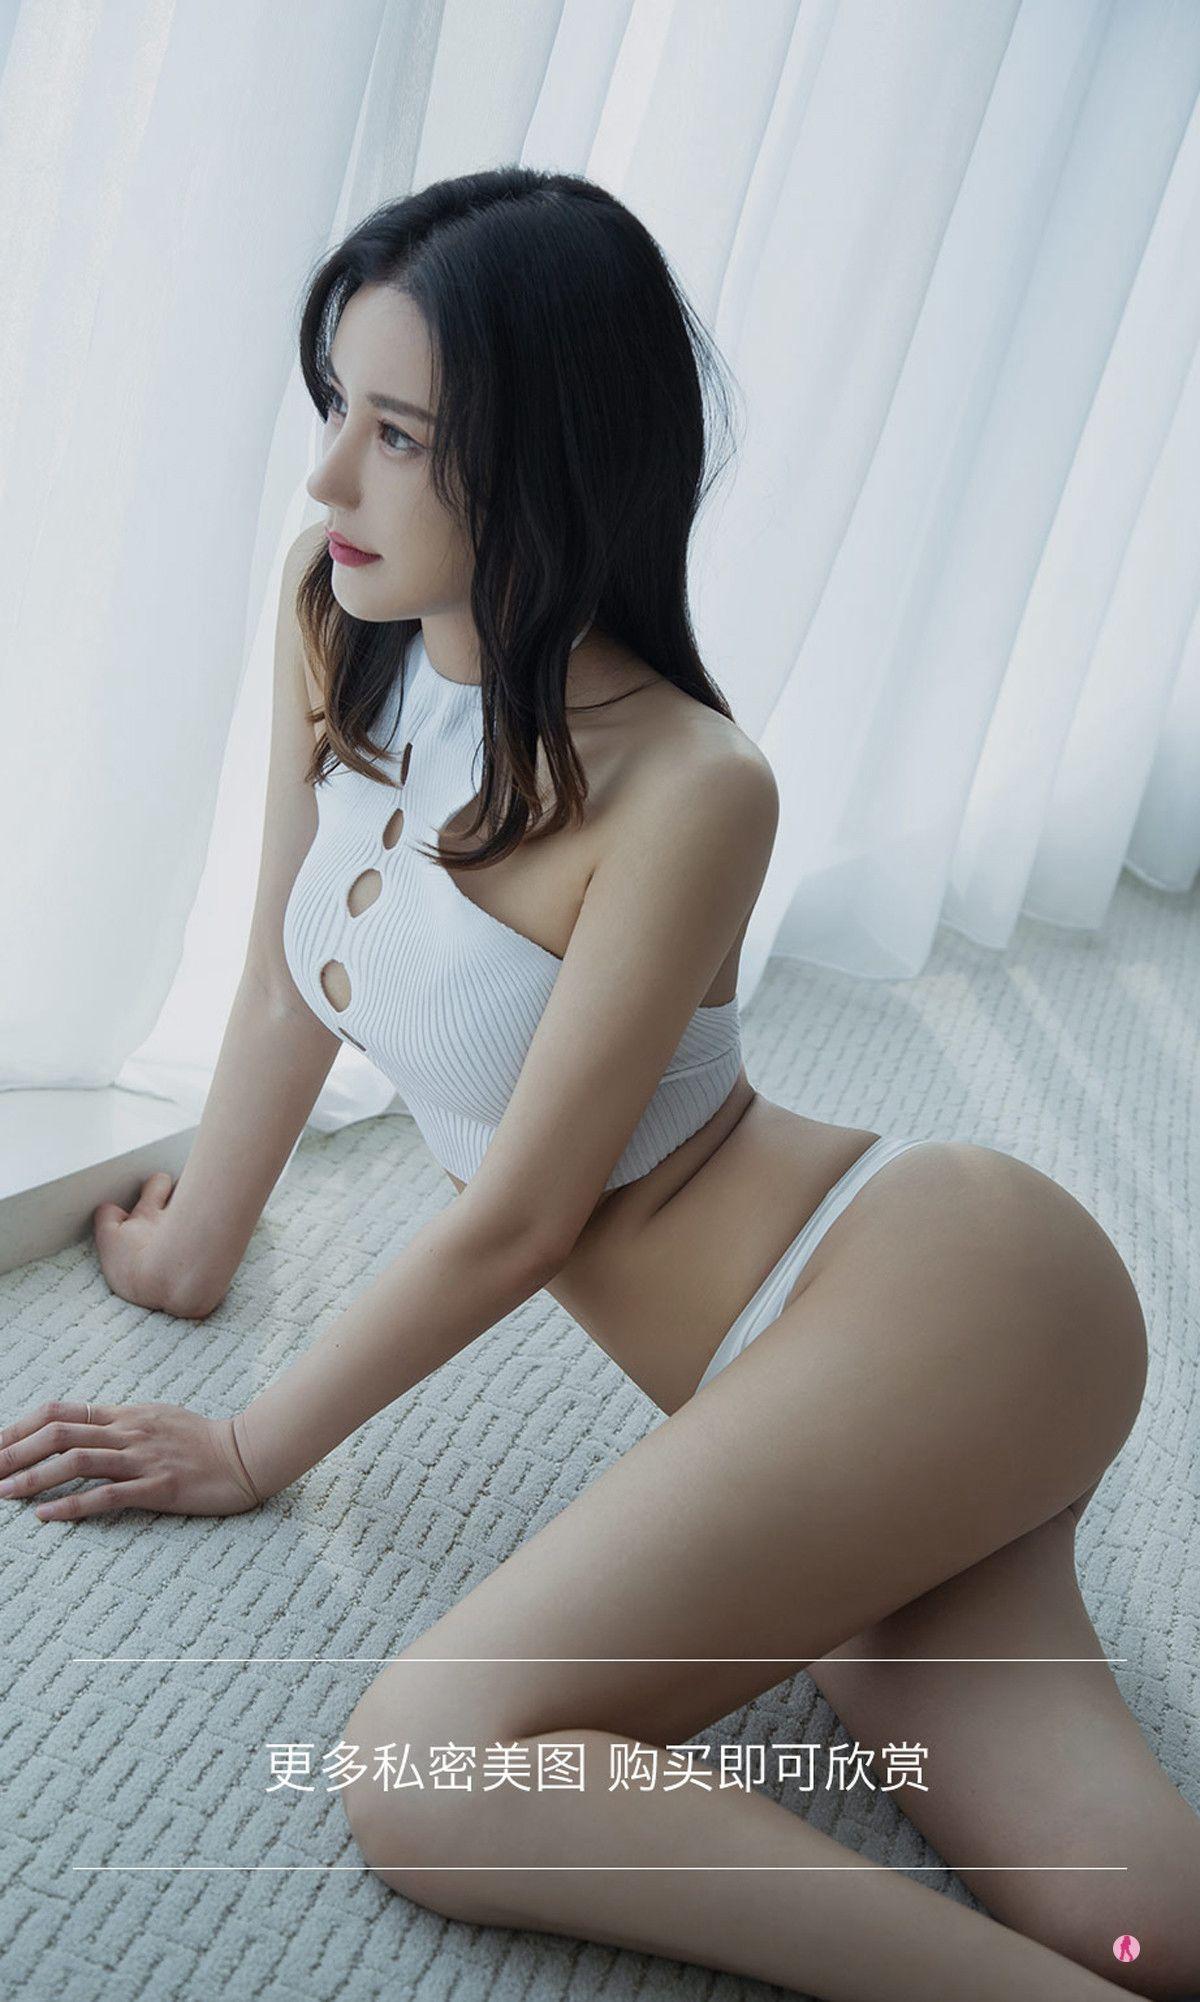 VOL.1612 [尤果圈爱尤物]轻熟女:于暖暖超高清写真套图(35P)